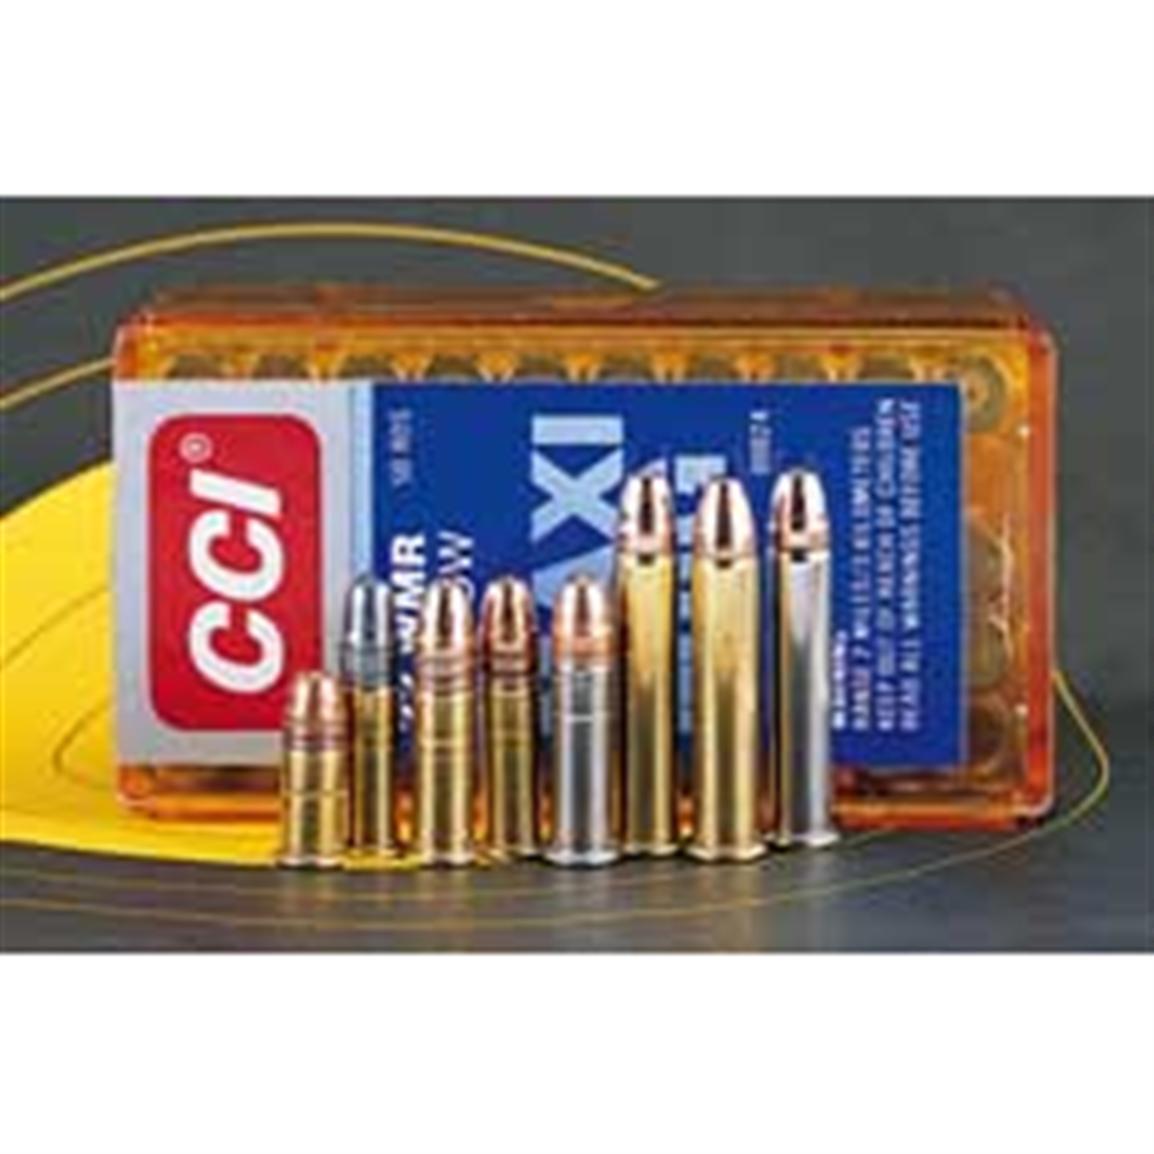 cci rimfire 22 mini mag lr 40 grain solid 1 000 rounds 63 64